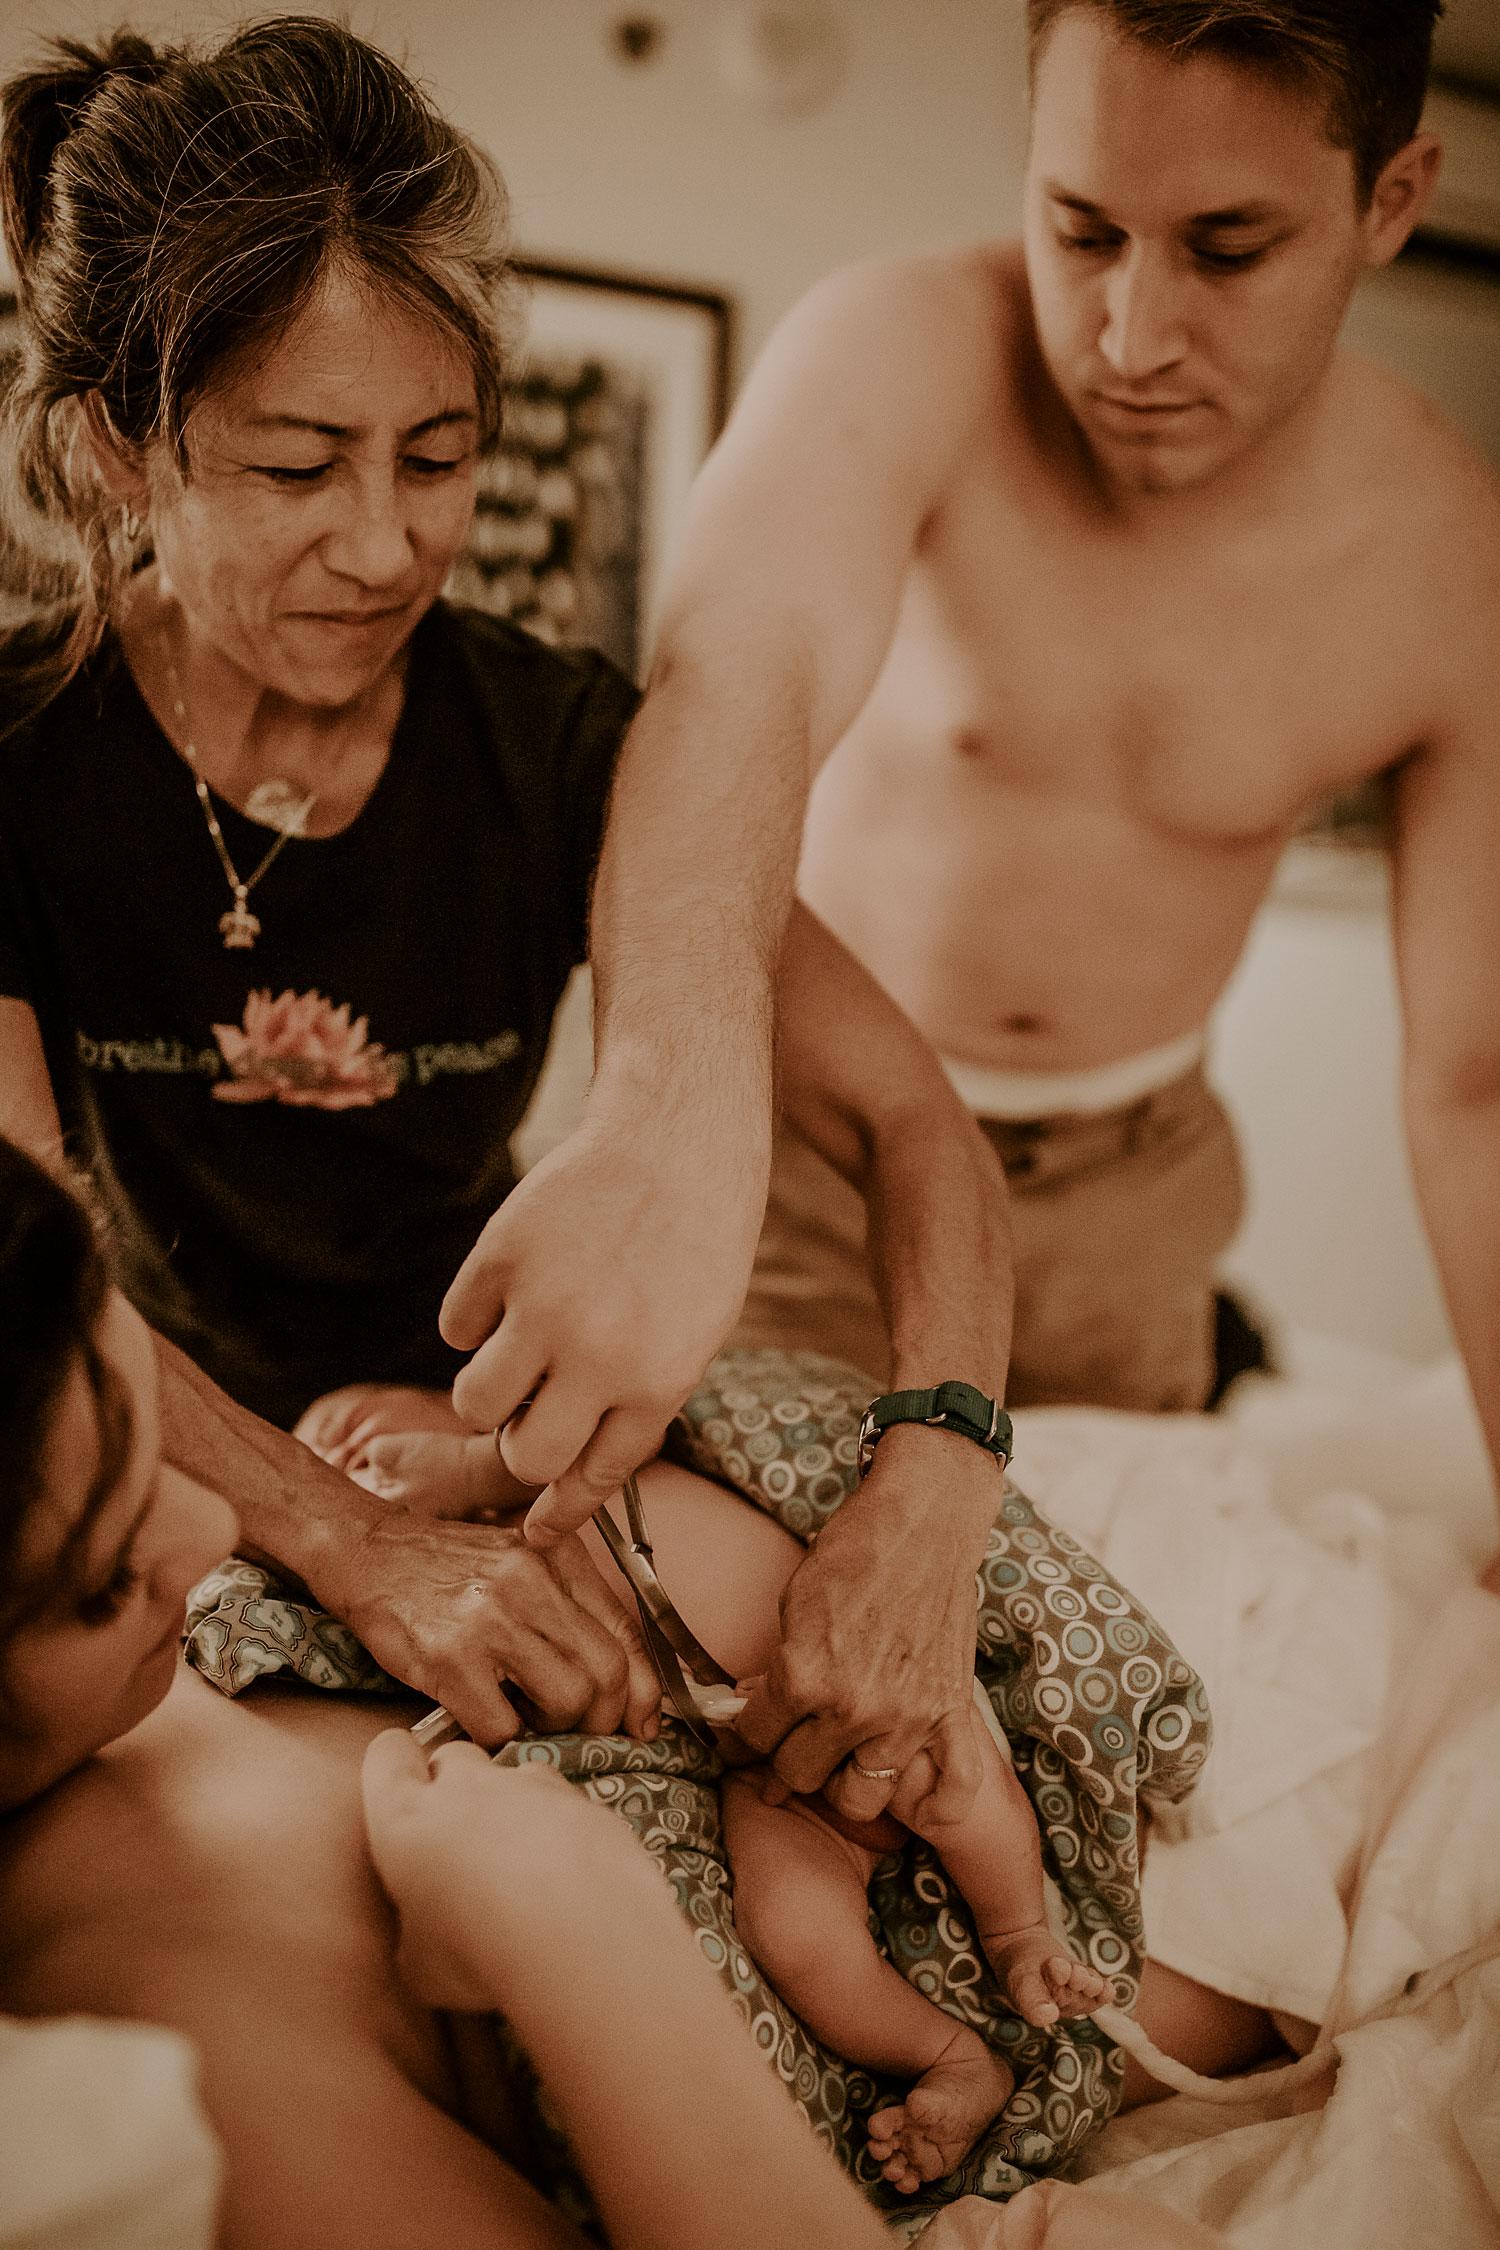 Hawaii-Oahu-Honolulu-Birth-Photographer-The-Sophia-Co-32.jpg